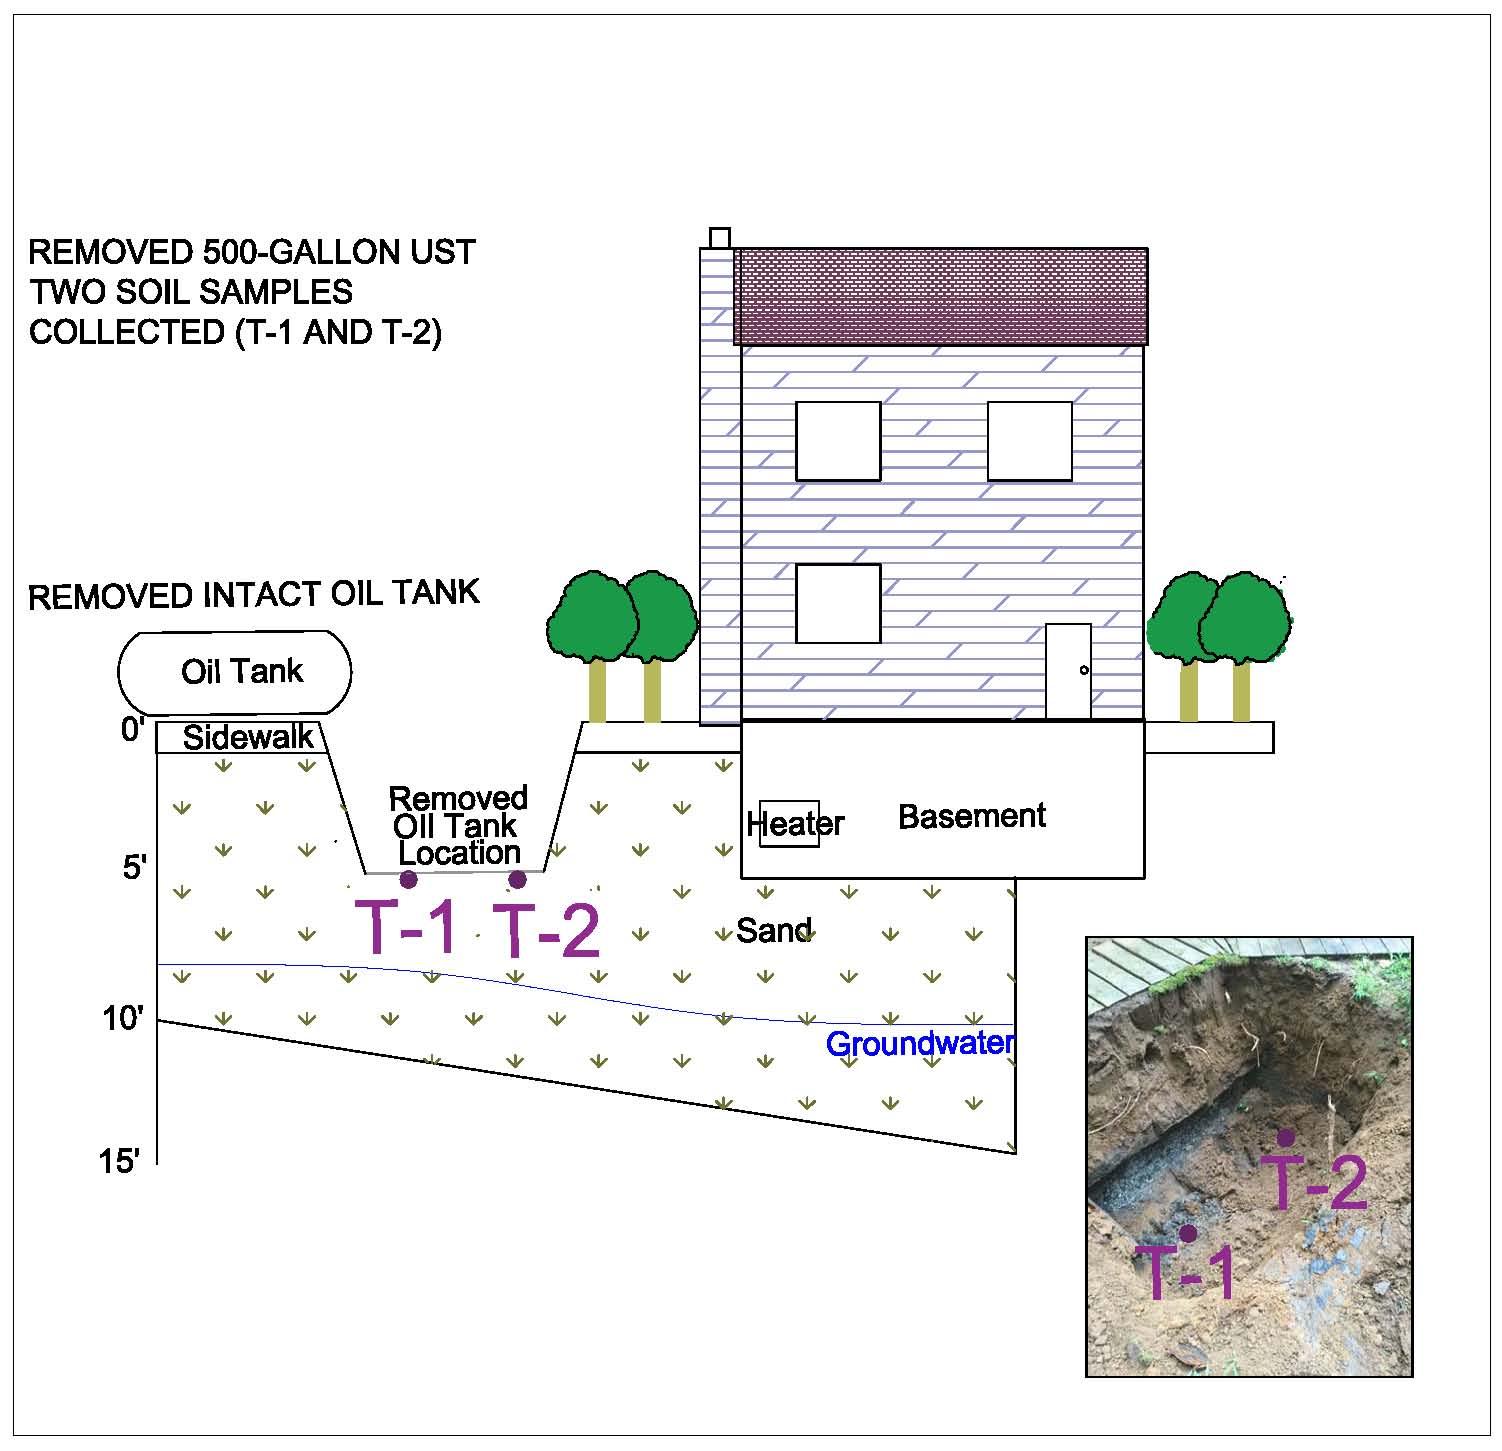 soil testing an oil tank